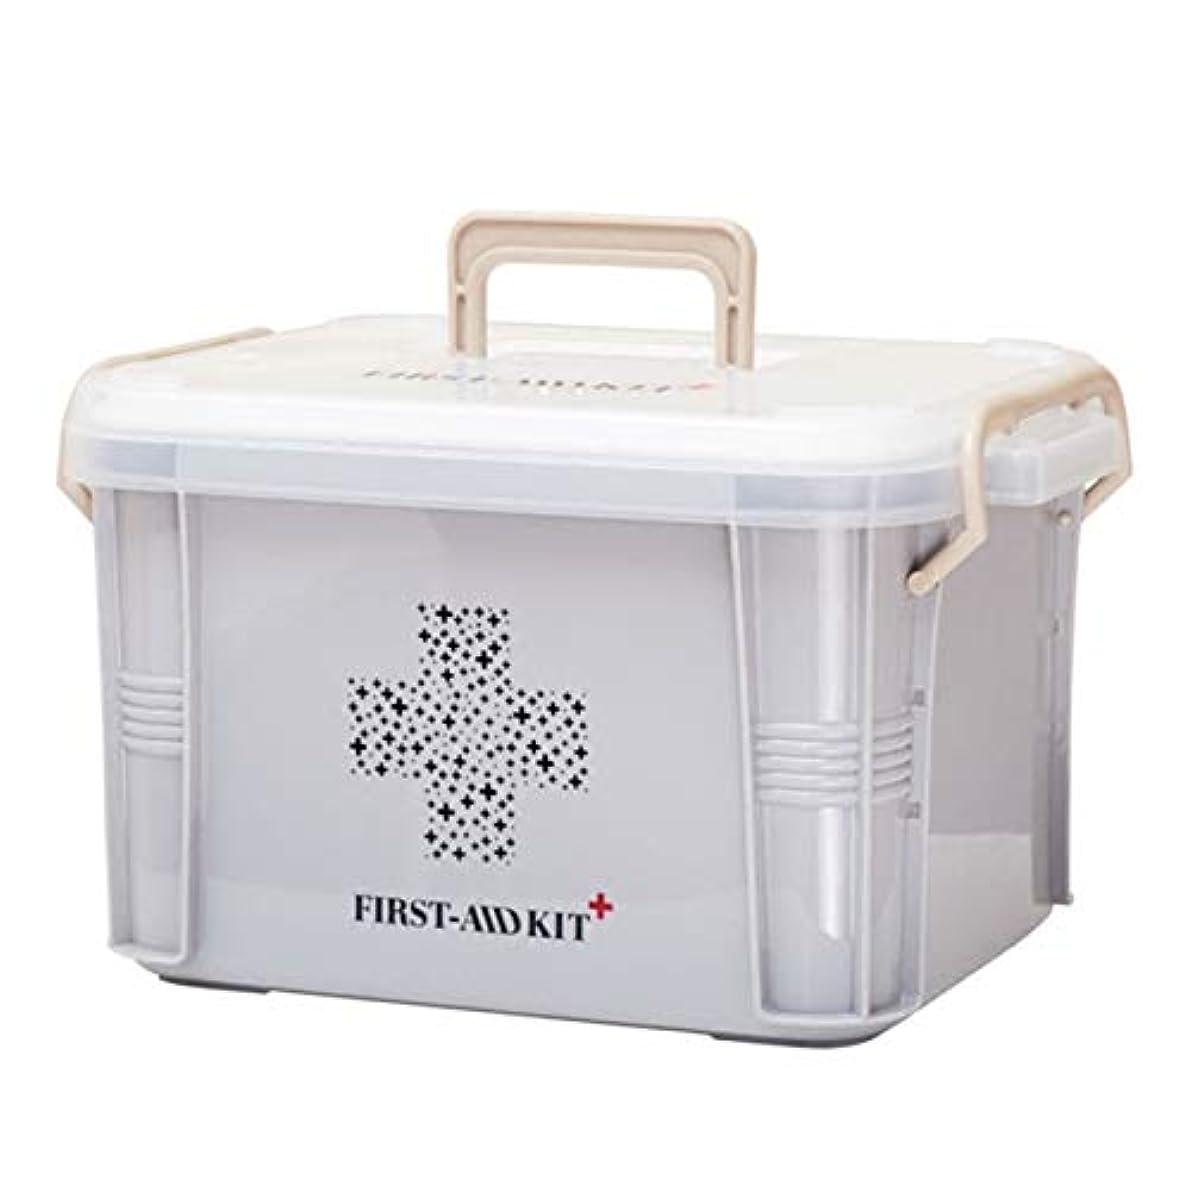 血統航海勇敢なSaikogoods 実用的なデザインホーム用薬箱ファーストエイドキットボックスプラスチック容器の救急キットポータブルストレージオーガナイザー グレー S